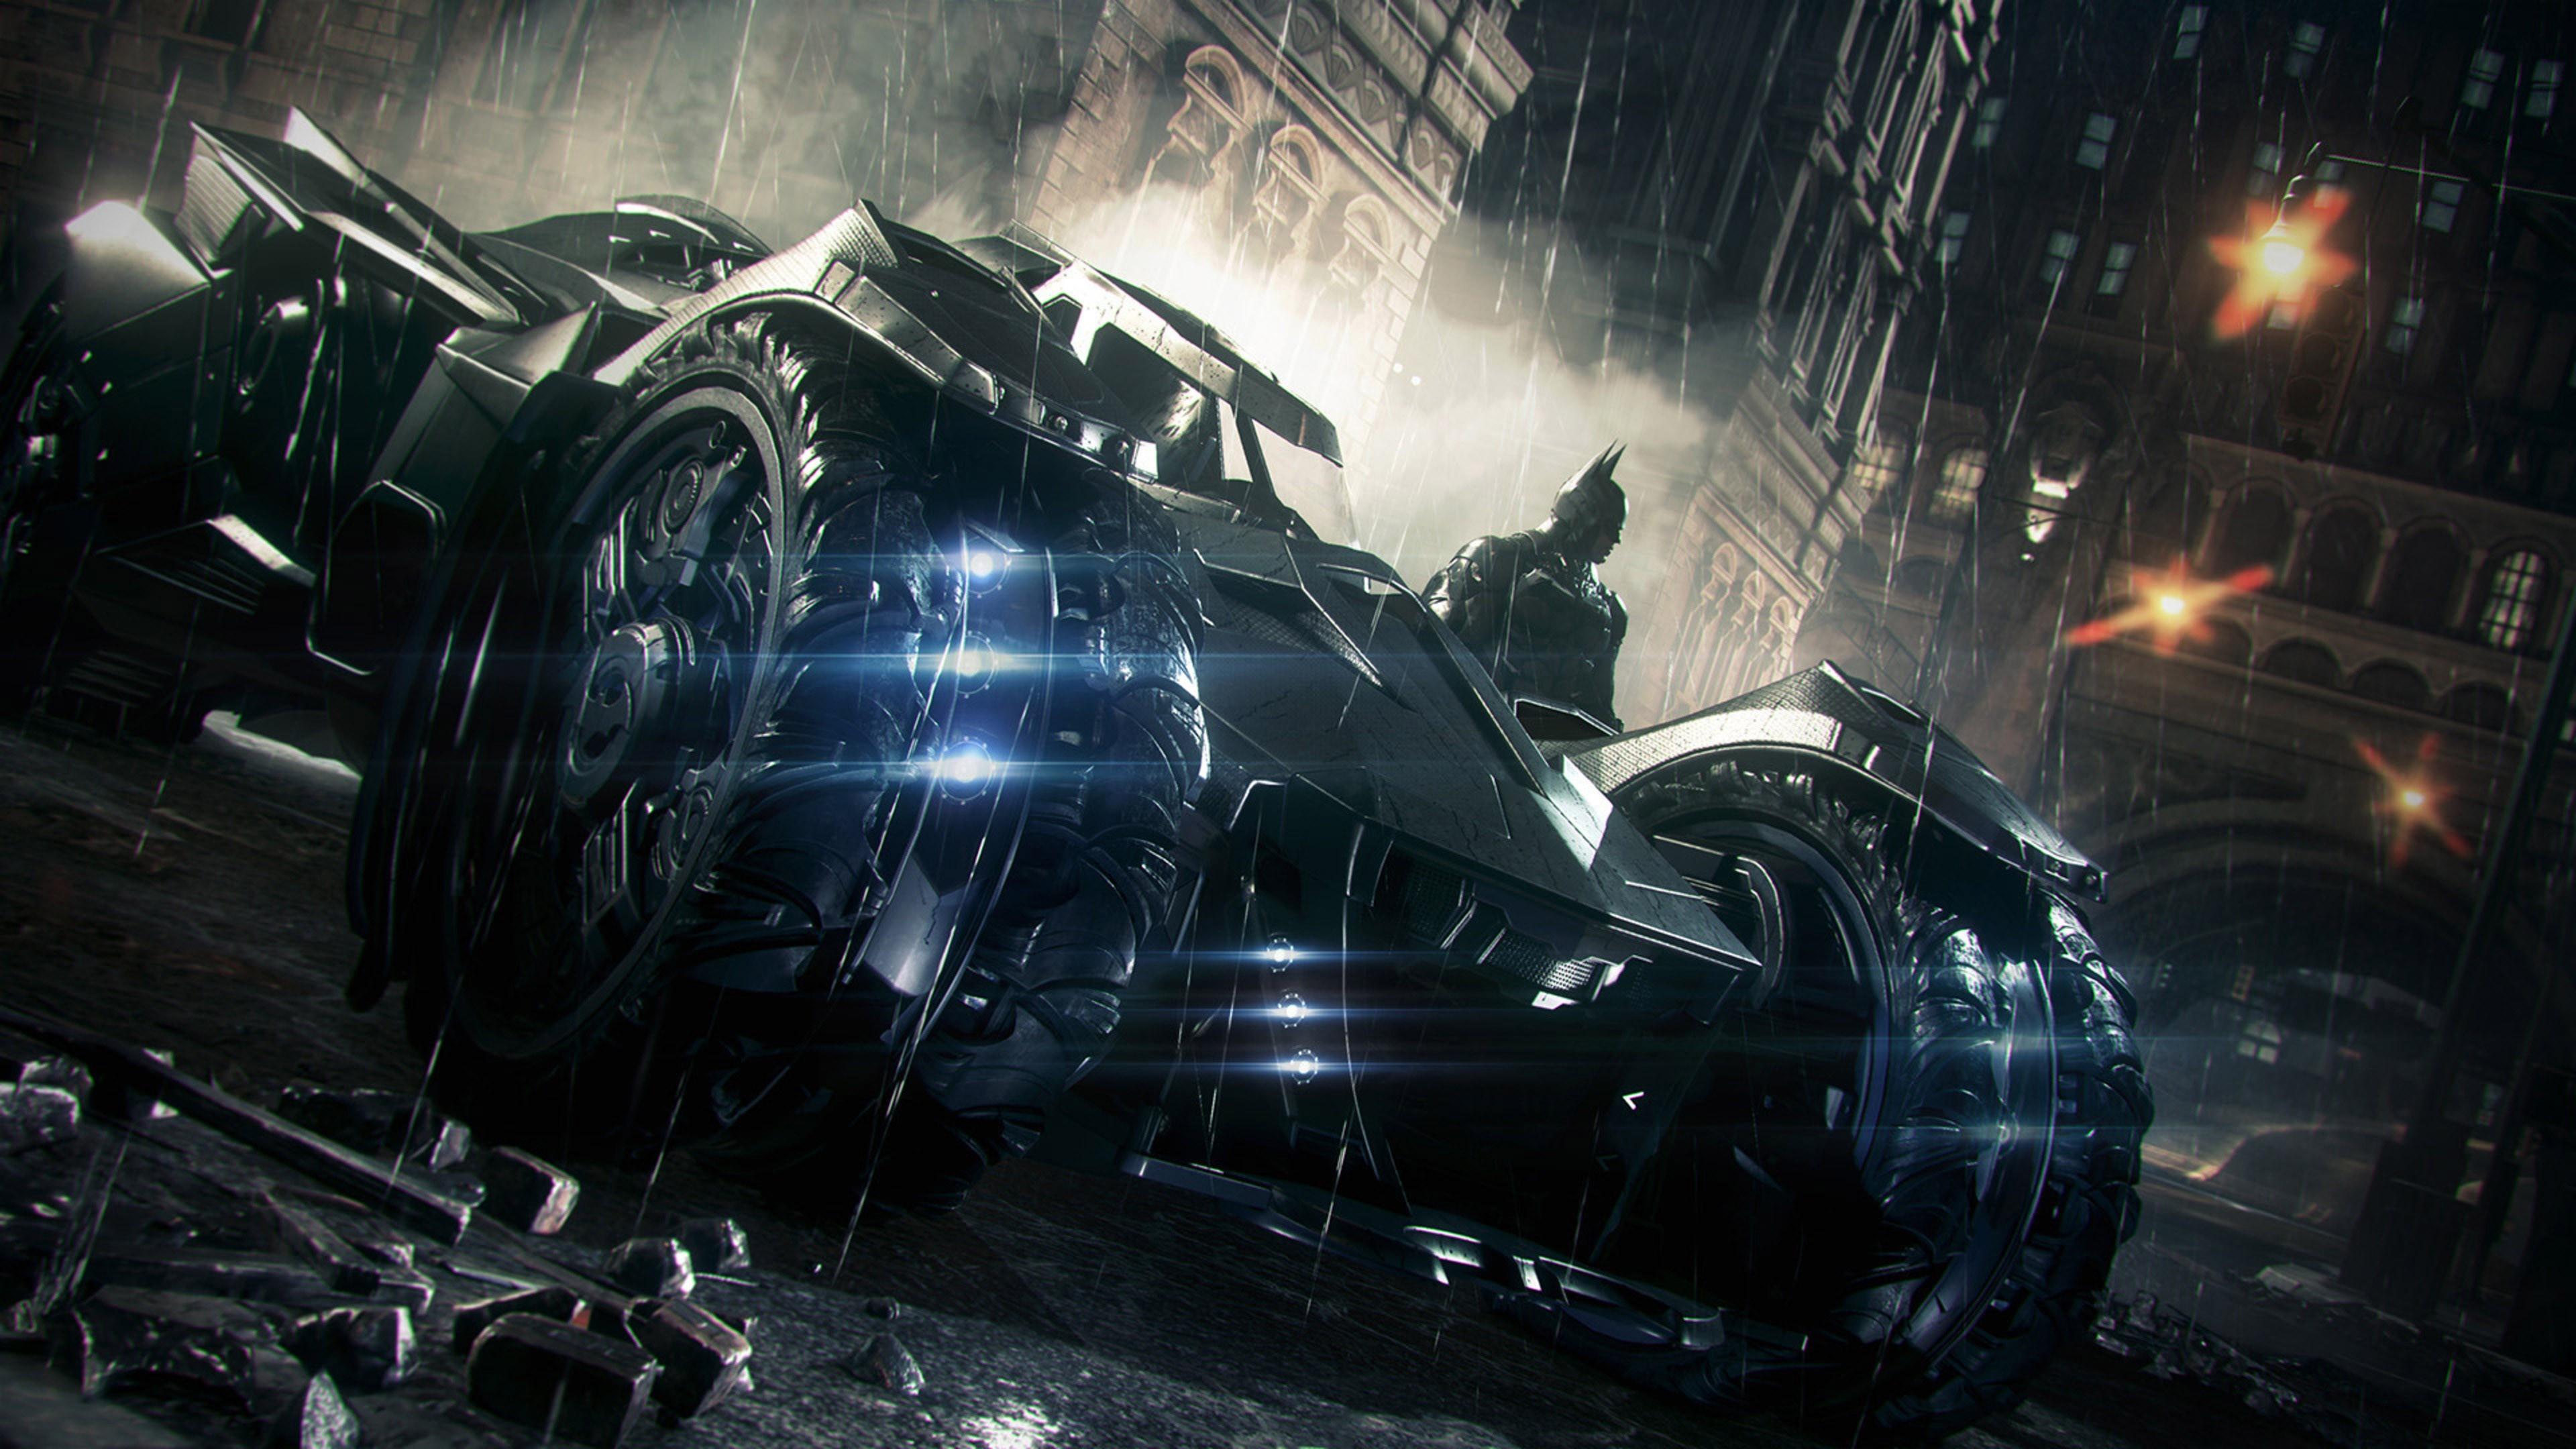 Batman: Arkham Knight, Rocksteady Studios, Batman, Batmobile, Gotham City,  Video